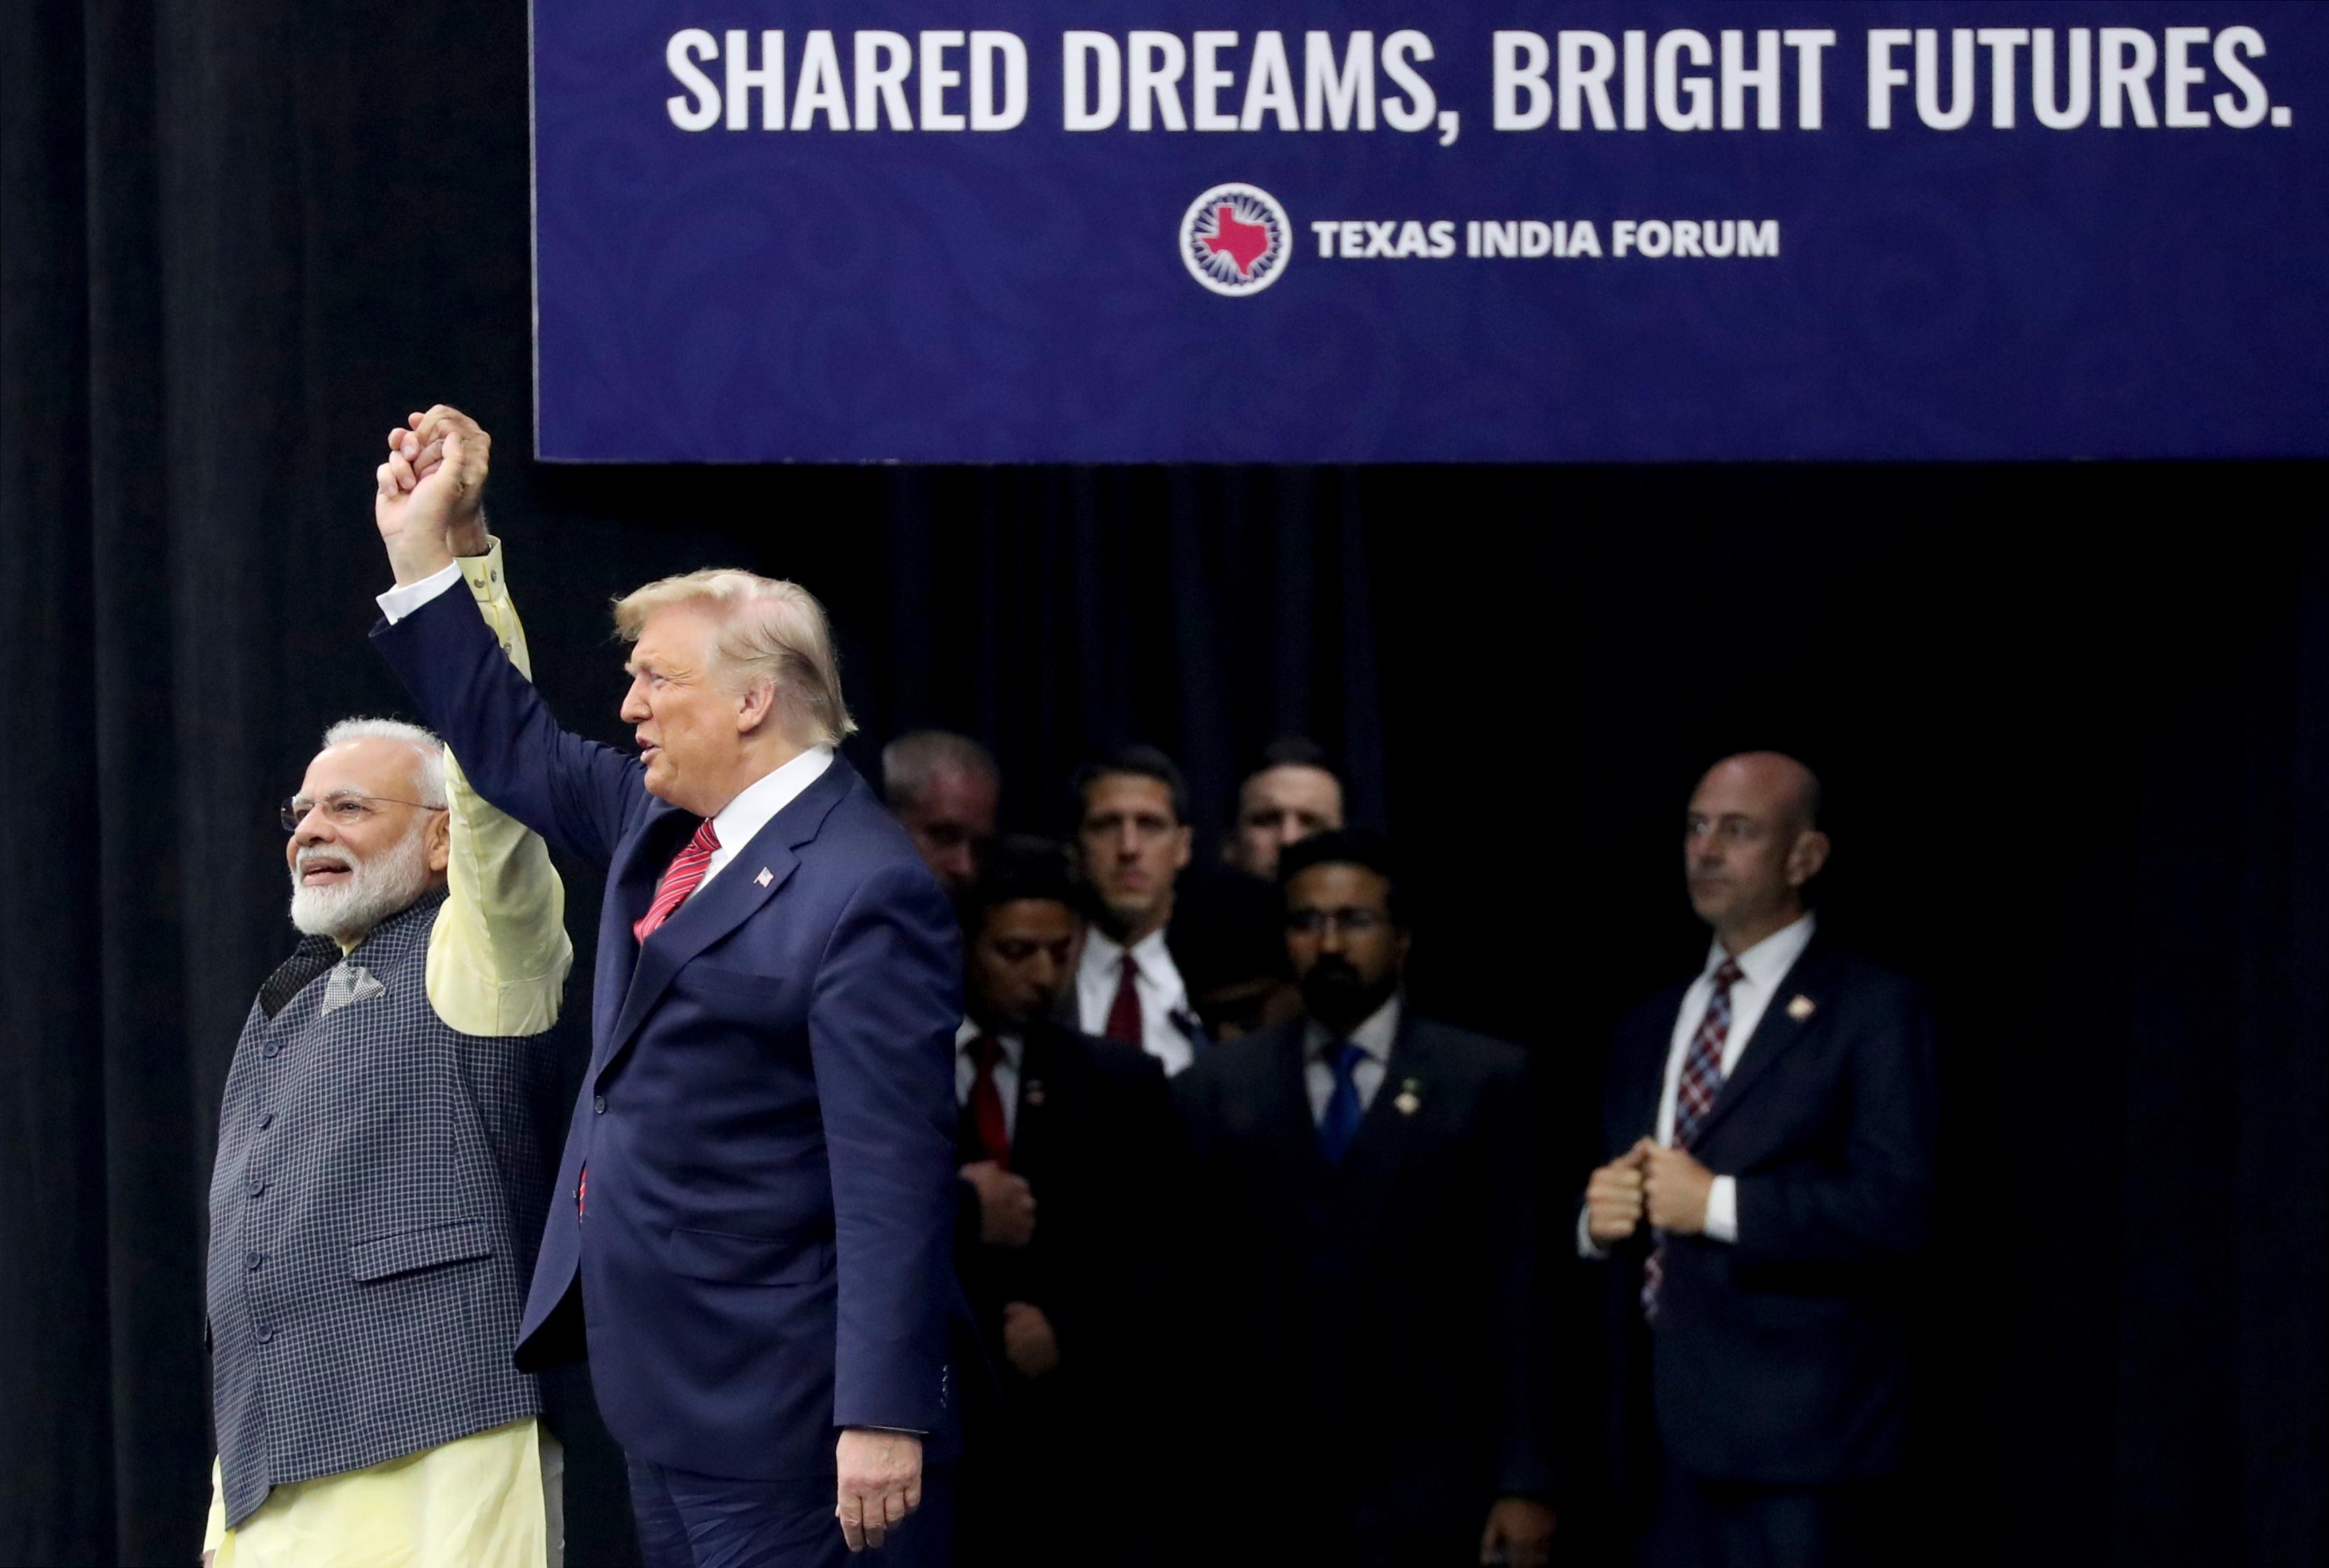 ترامب ومودي يتفقان على محاربة الإرهاب الدولي